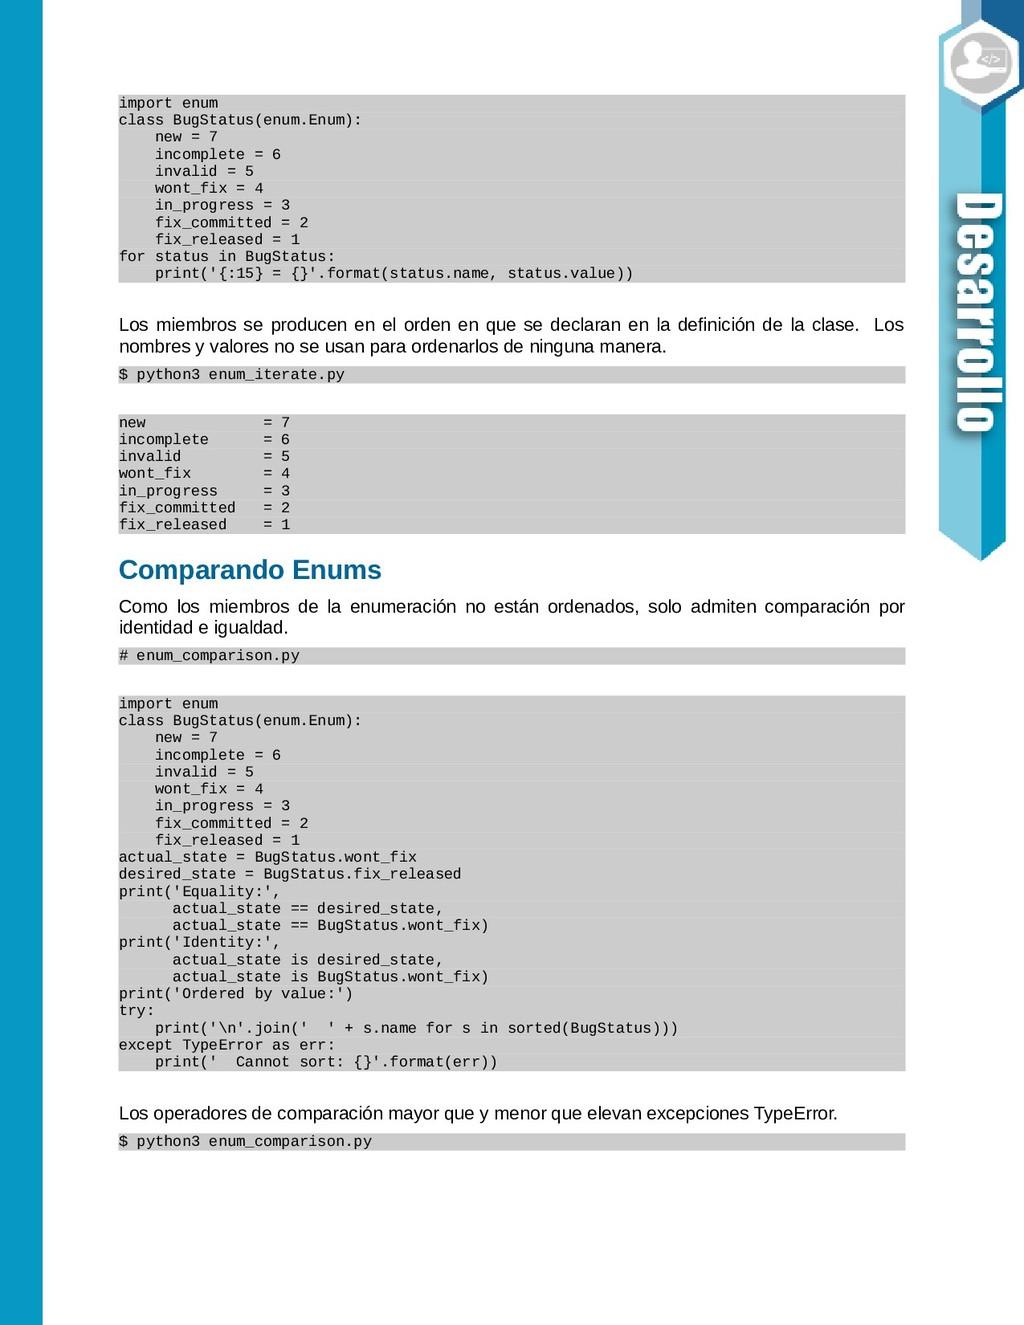 import enum class BugStatus(enum.Enum): new = 7...